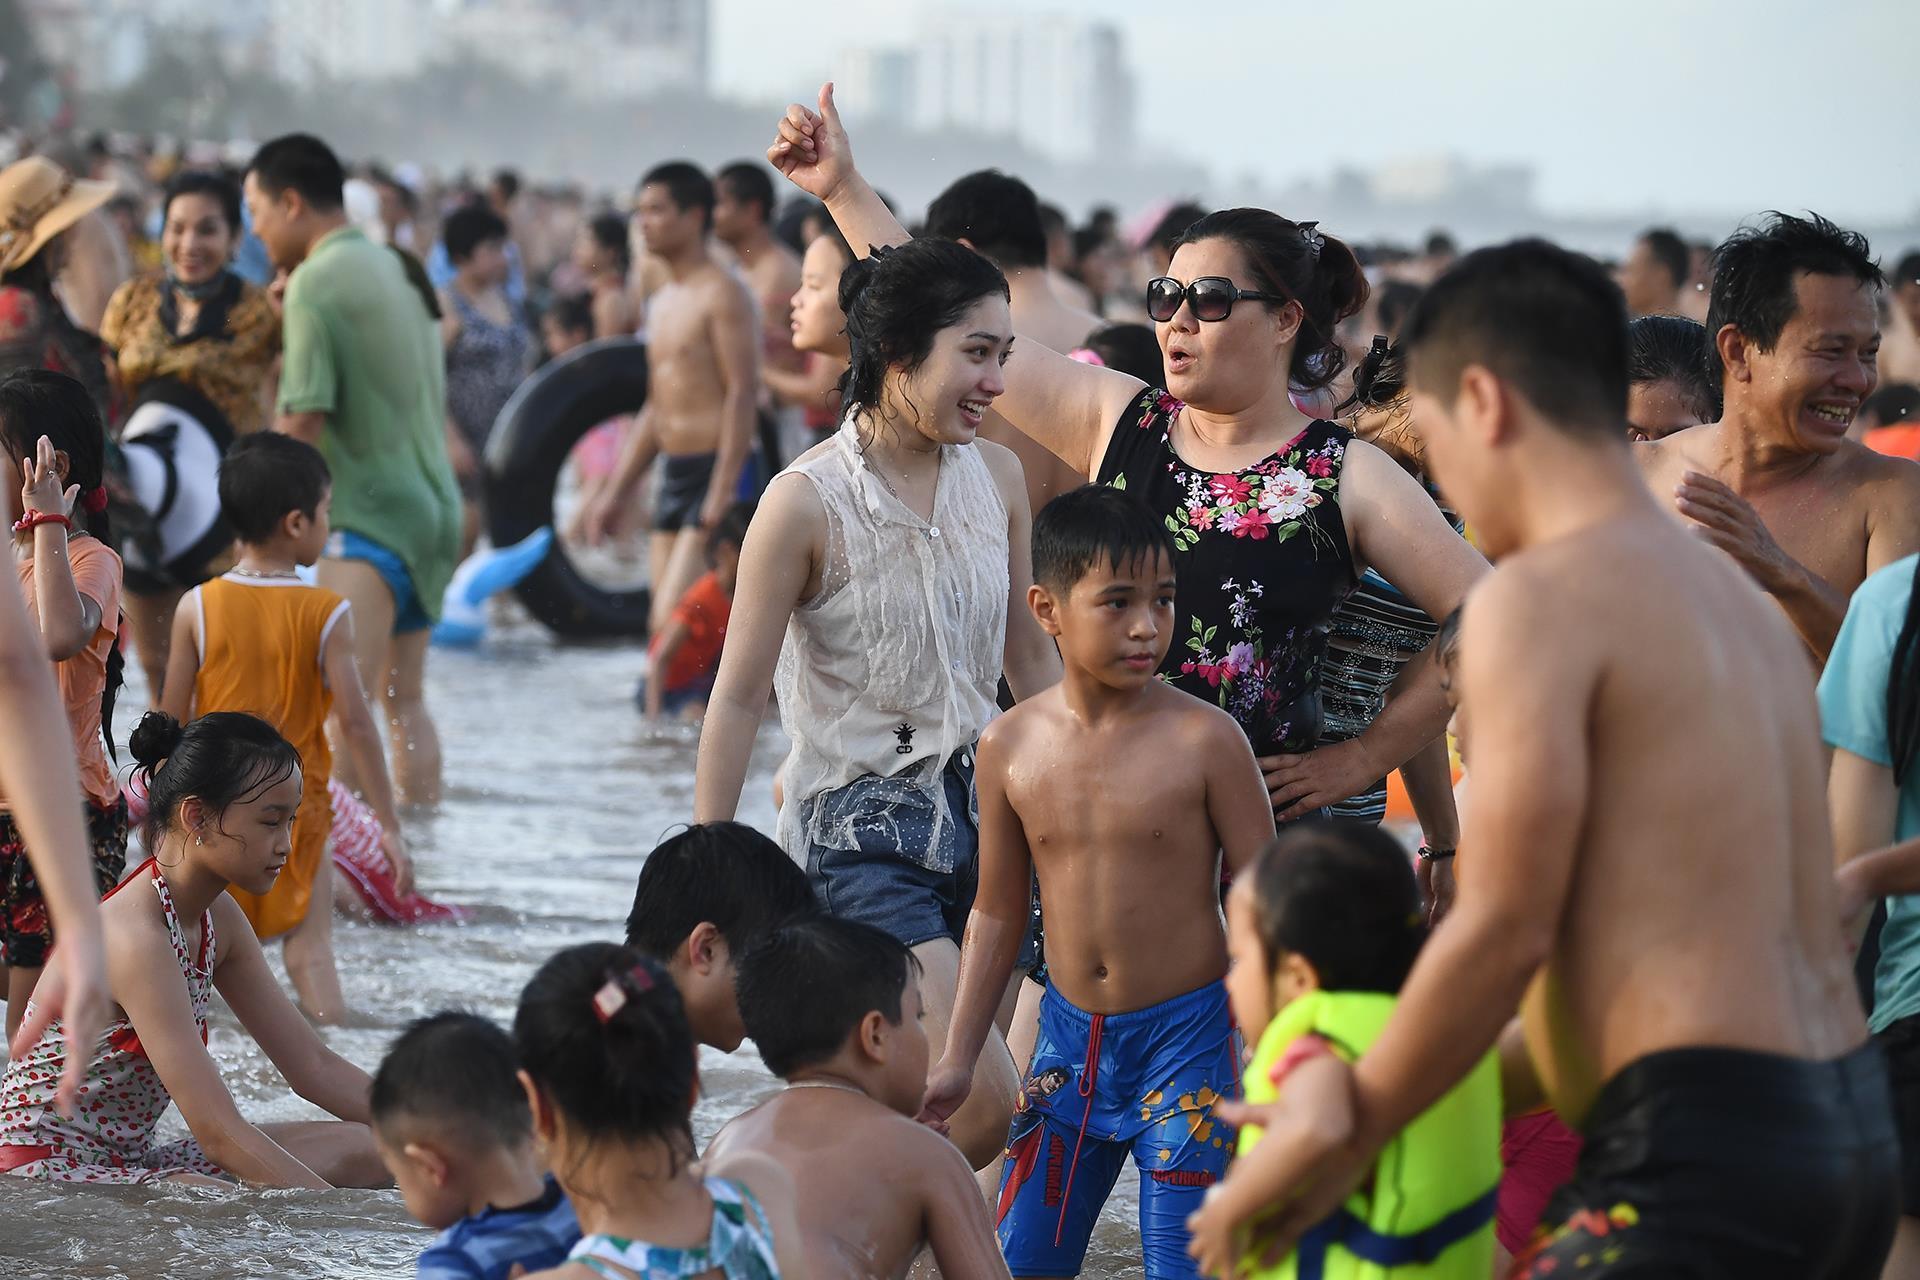 Hàng trăm nghìn người nhảy sóng ở bãi biển nước đục ngầu Ảnh 3